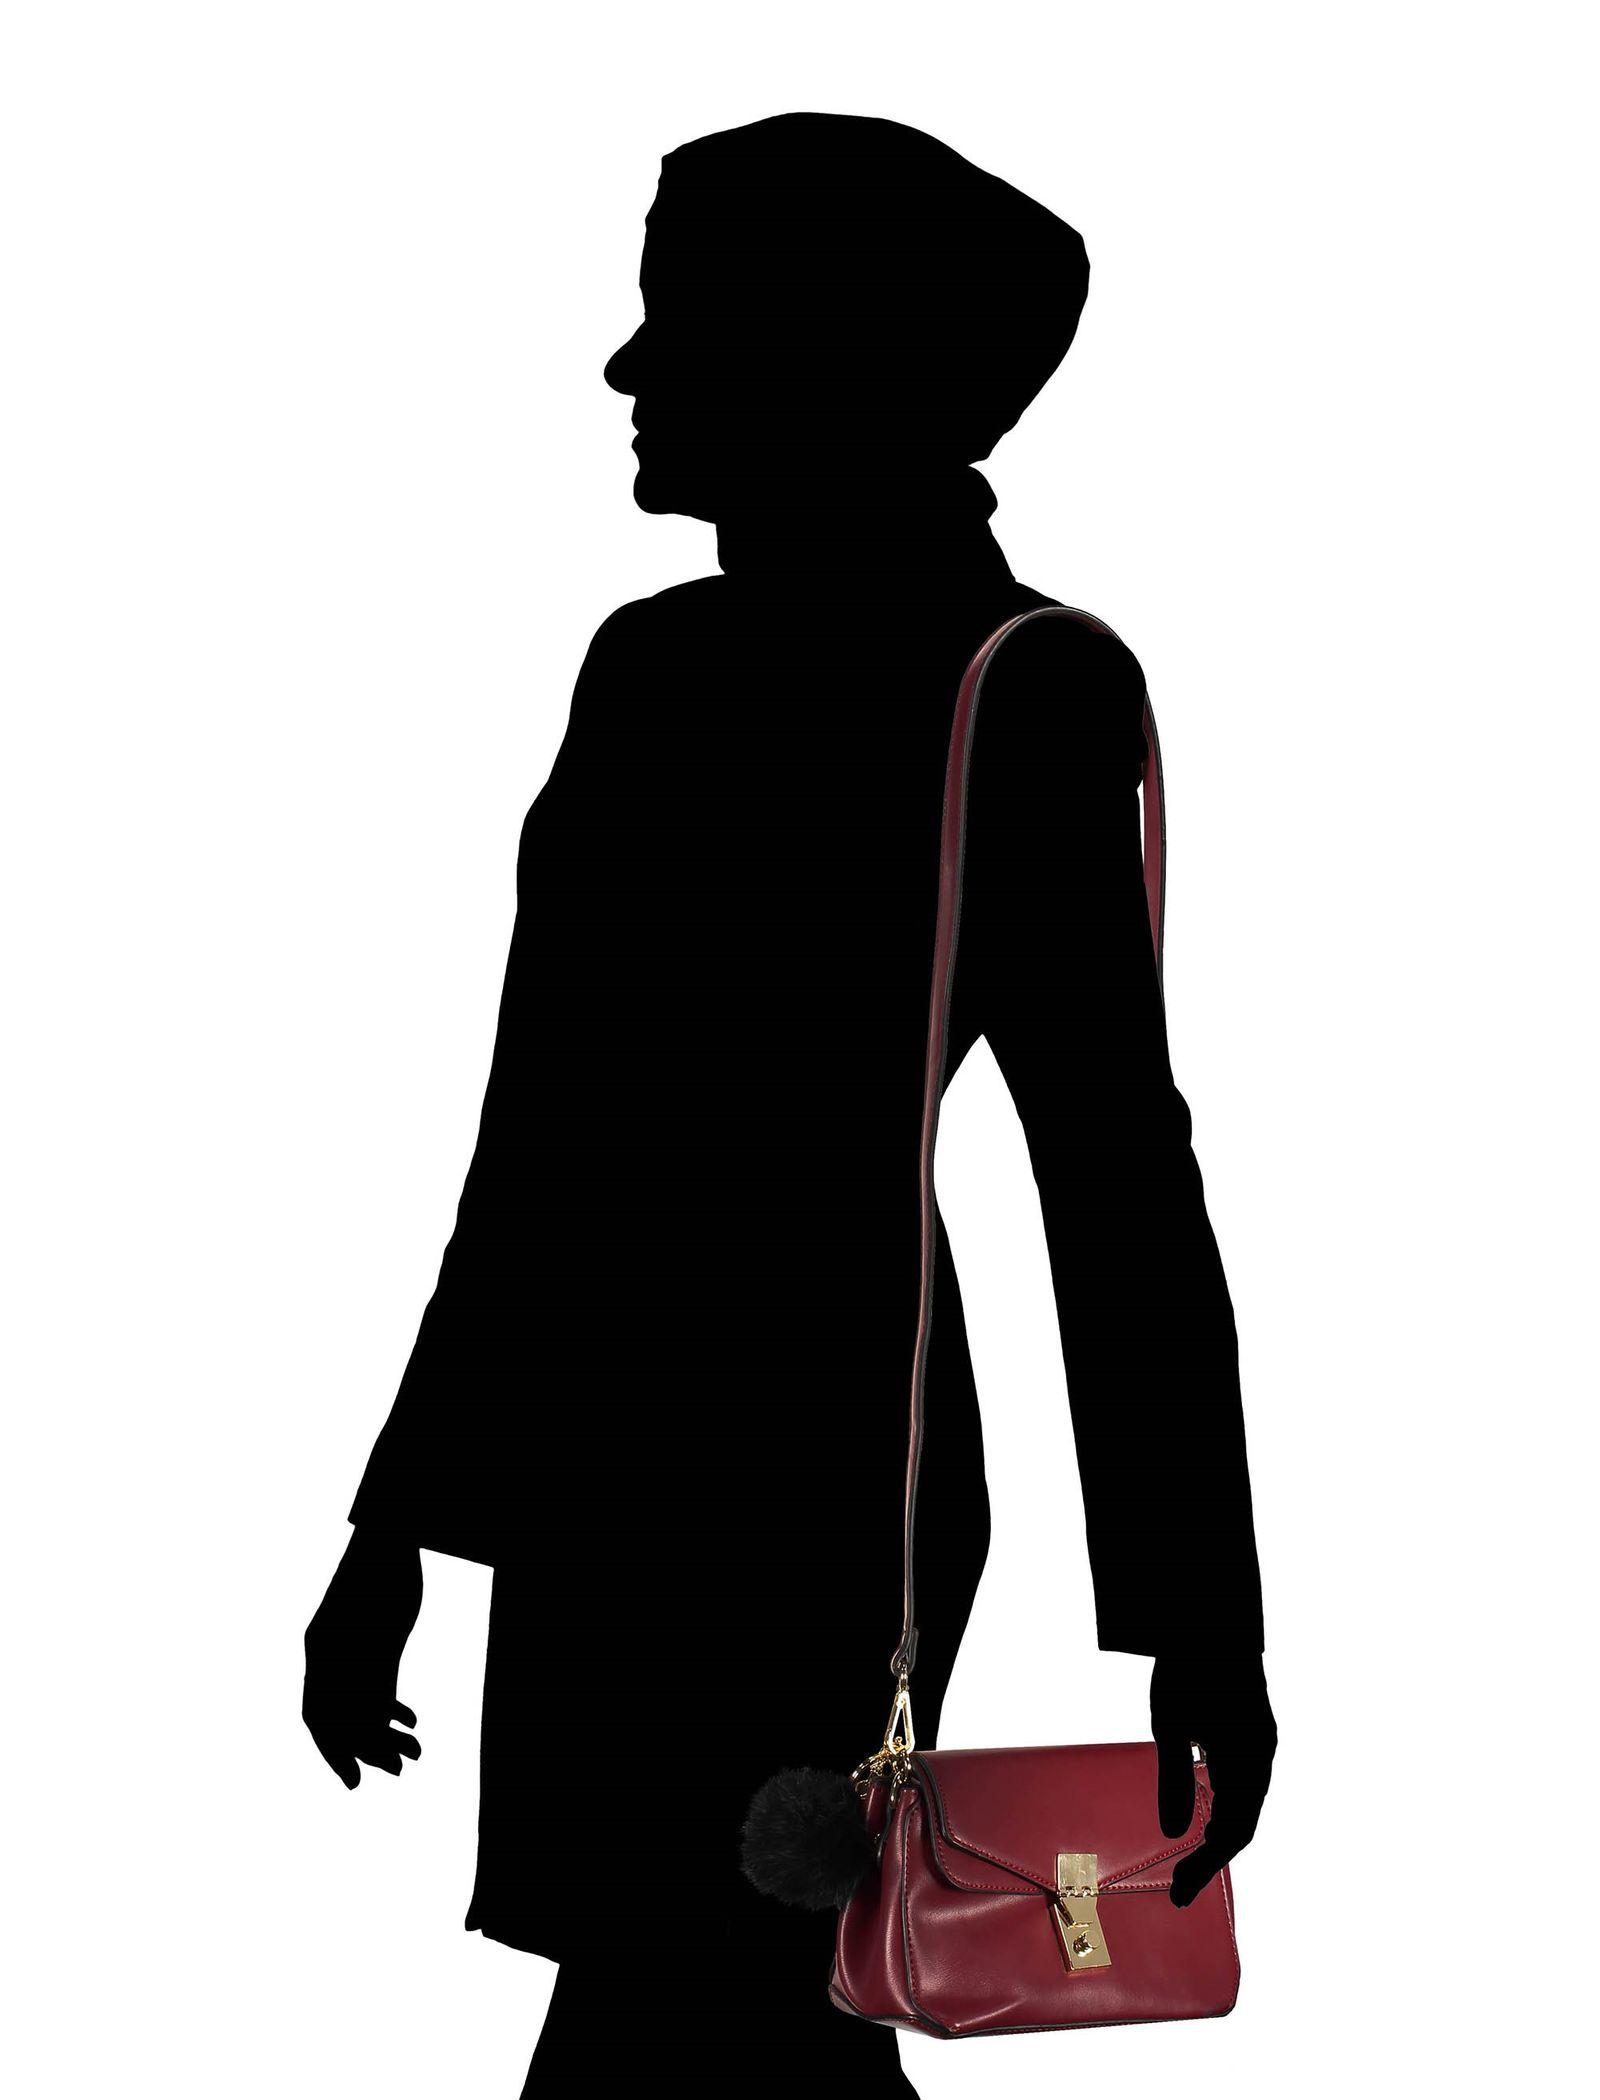 کیف دوشی زنانه - ایپک یول - قرمز - 8